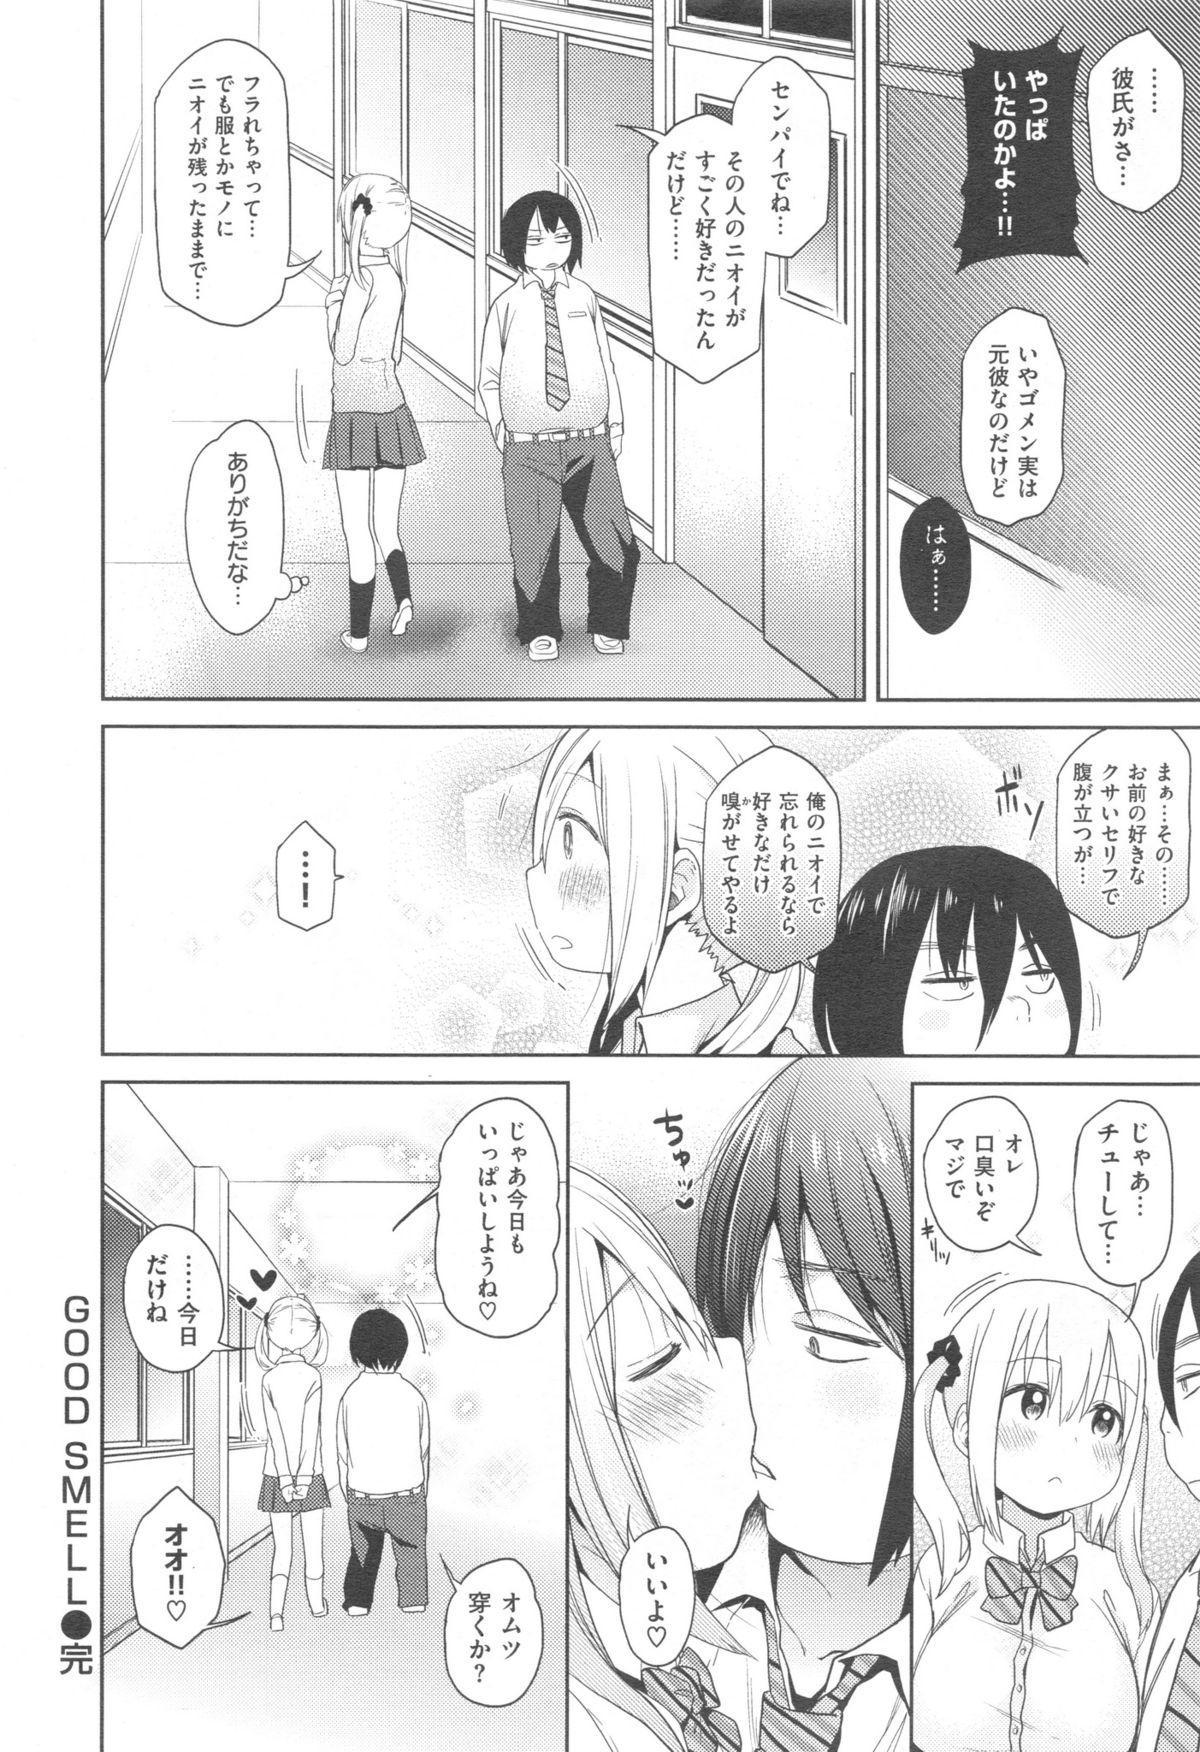 COMIC Kairakuten XTC Vol. 5 31